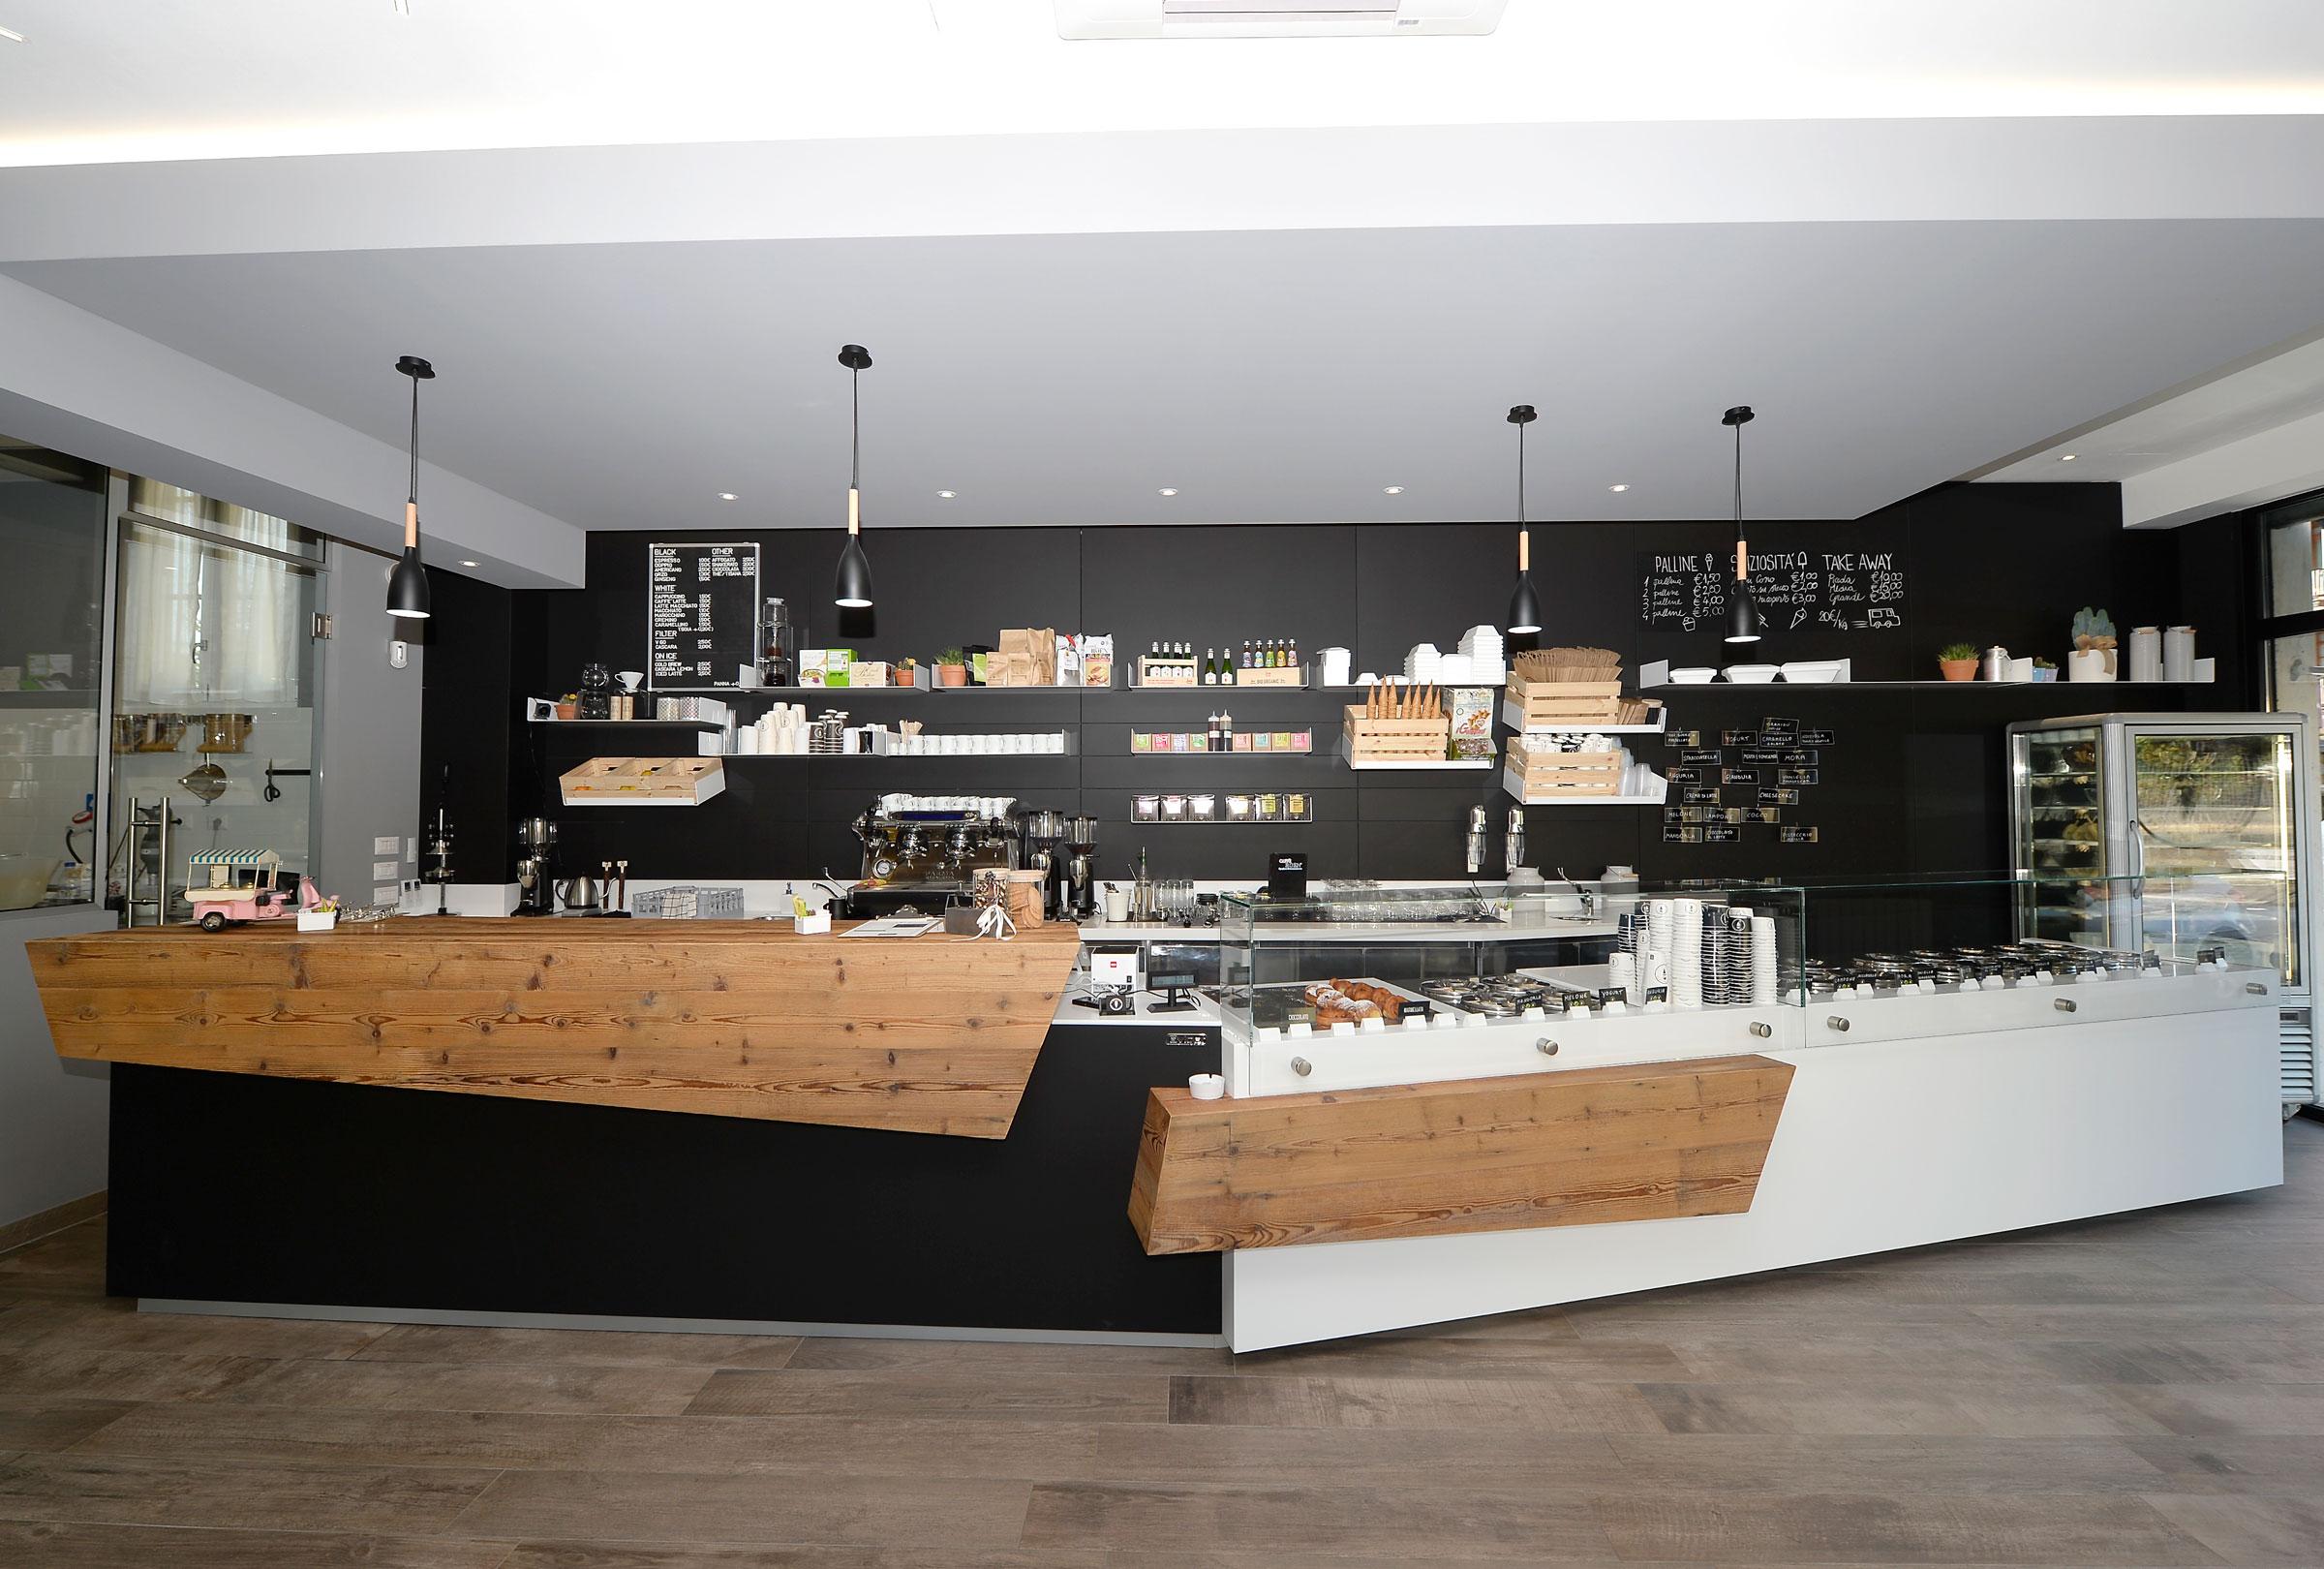 arredamento gelateria Il Mustacchio - Verona